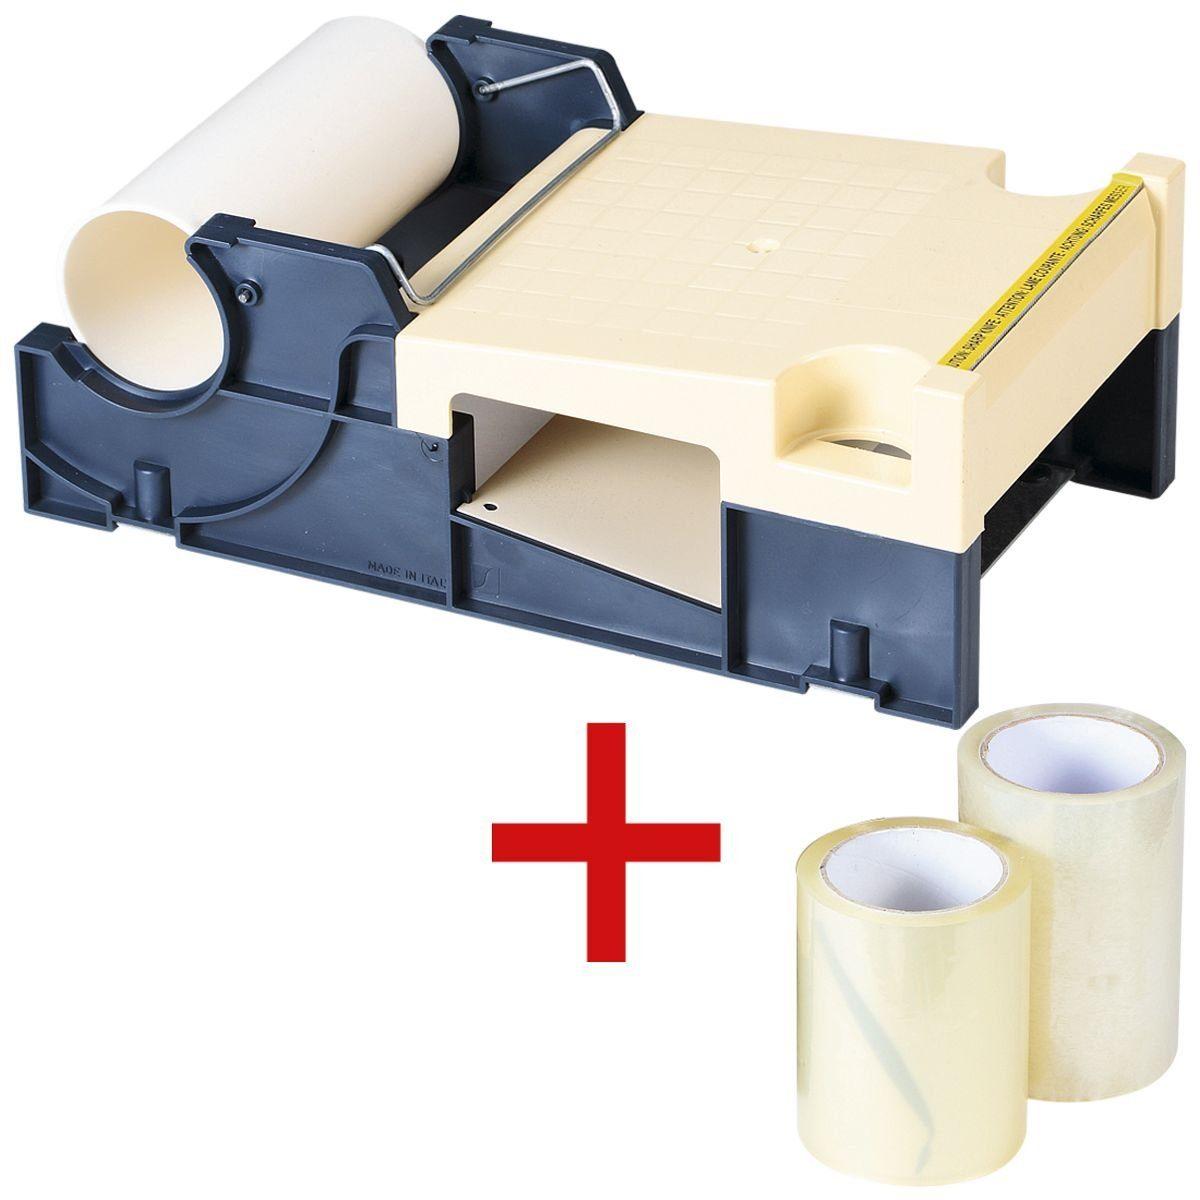 Abrollgerät für Etiketten-Schutzfolien inkl. 2 Schu... (1 Set)